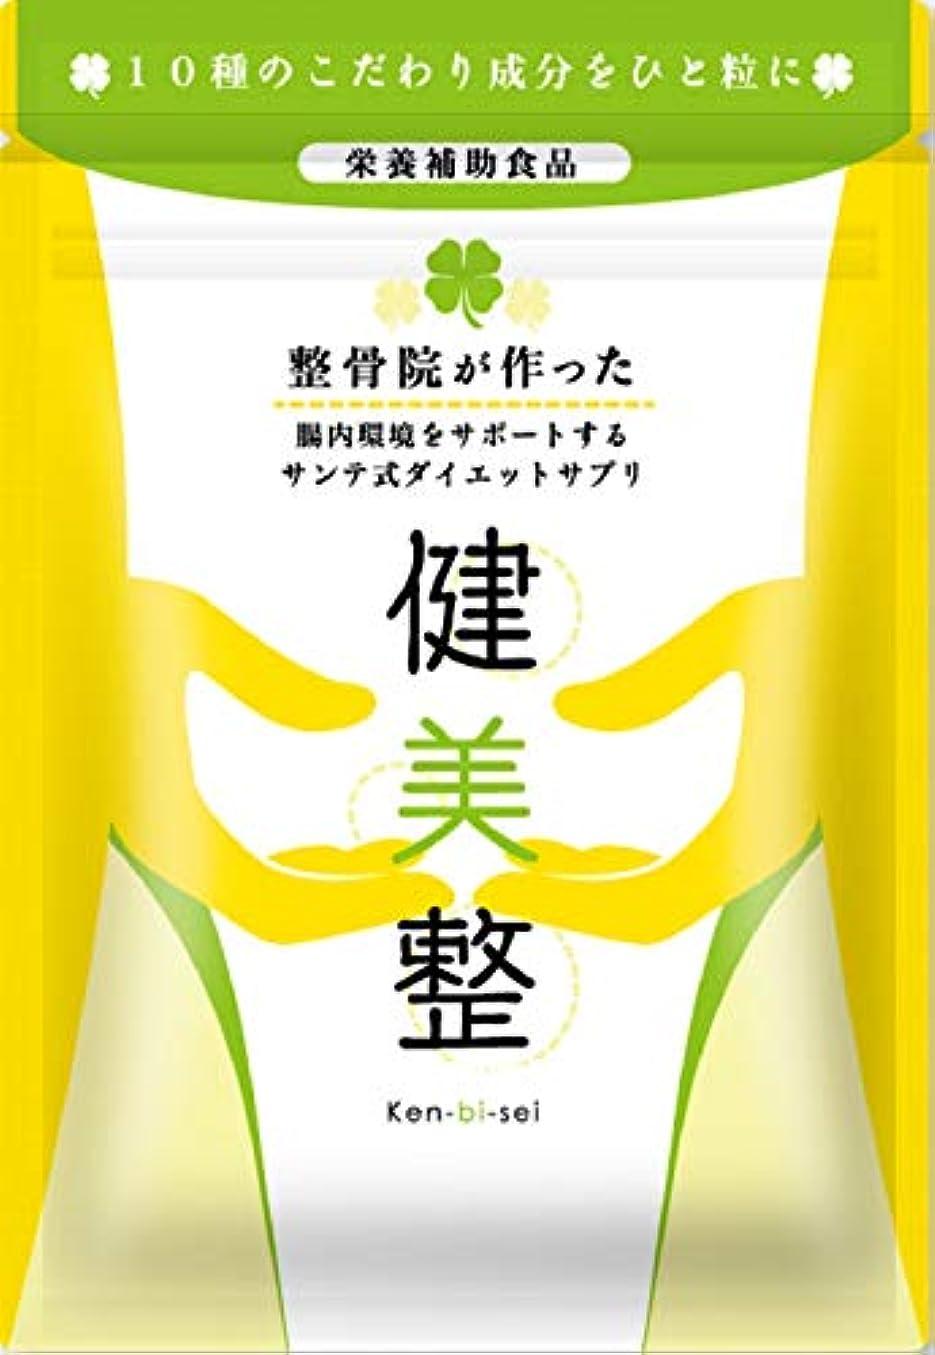 観客と闘う限りなくサプリメント ダイエット 酵素 腸内 健美整 人気 腸内環境 60粒1か月分 (1)